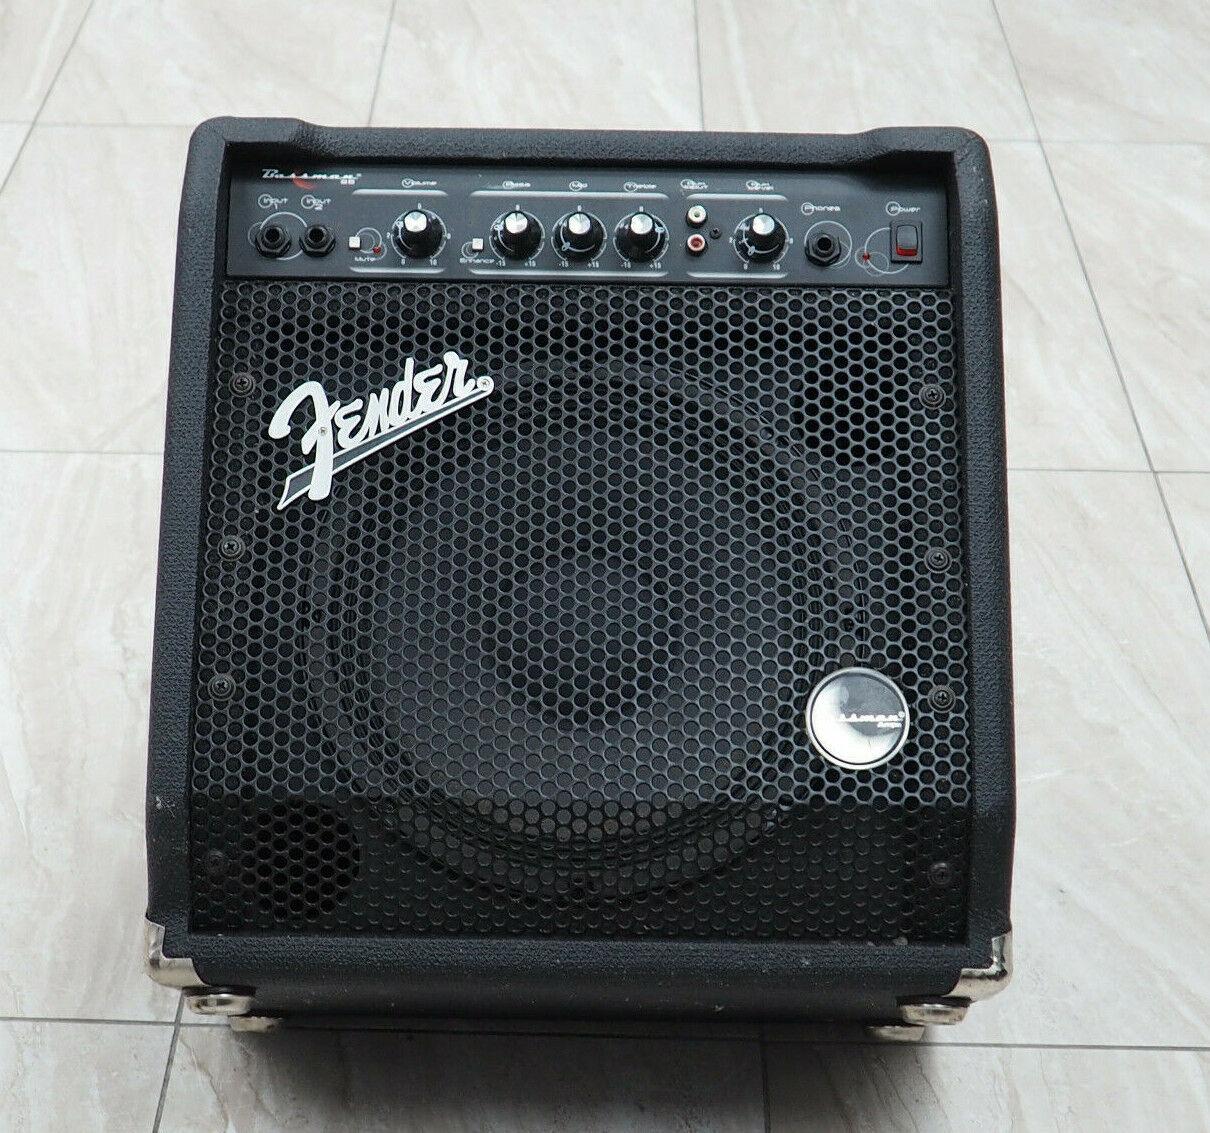 Fender Bassman 25 Amplifier; 25 Watts @ 8 Ohms